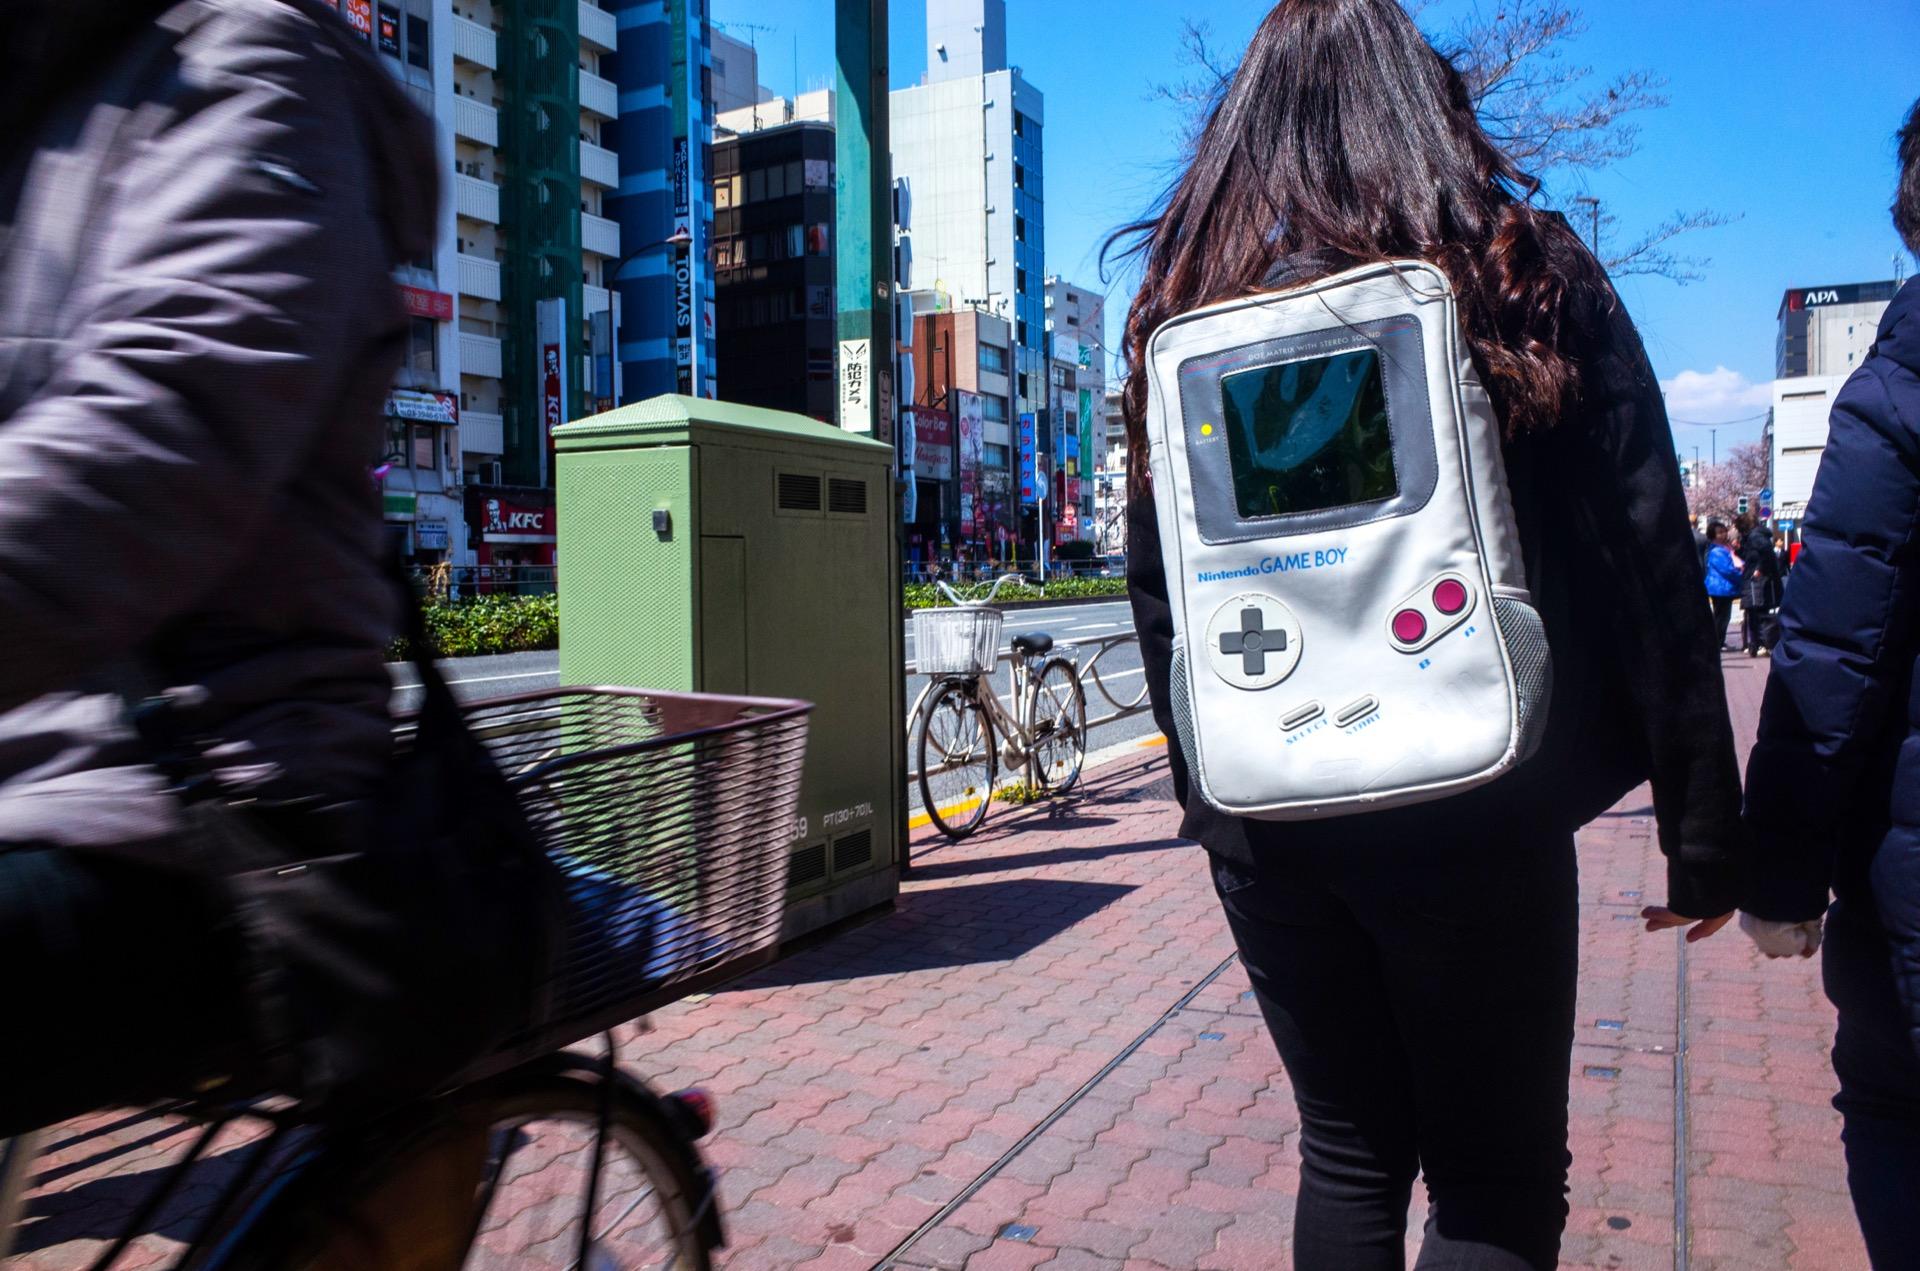 Gameboy backpack Tokyo